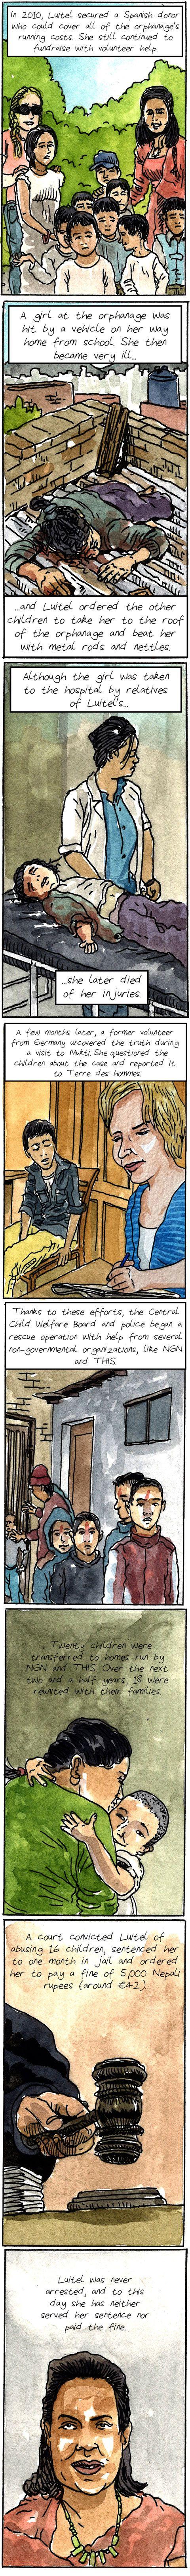 Dan Archer - Comic 1 - 8 - ENGLISCH